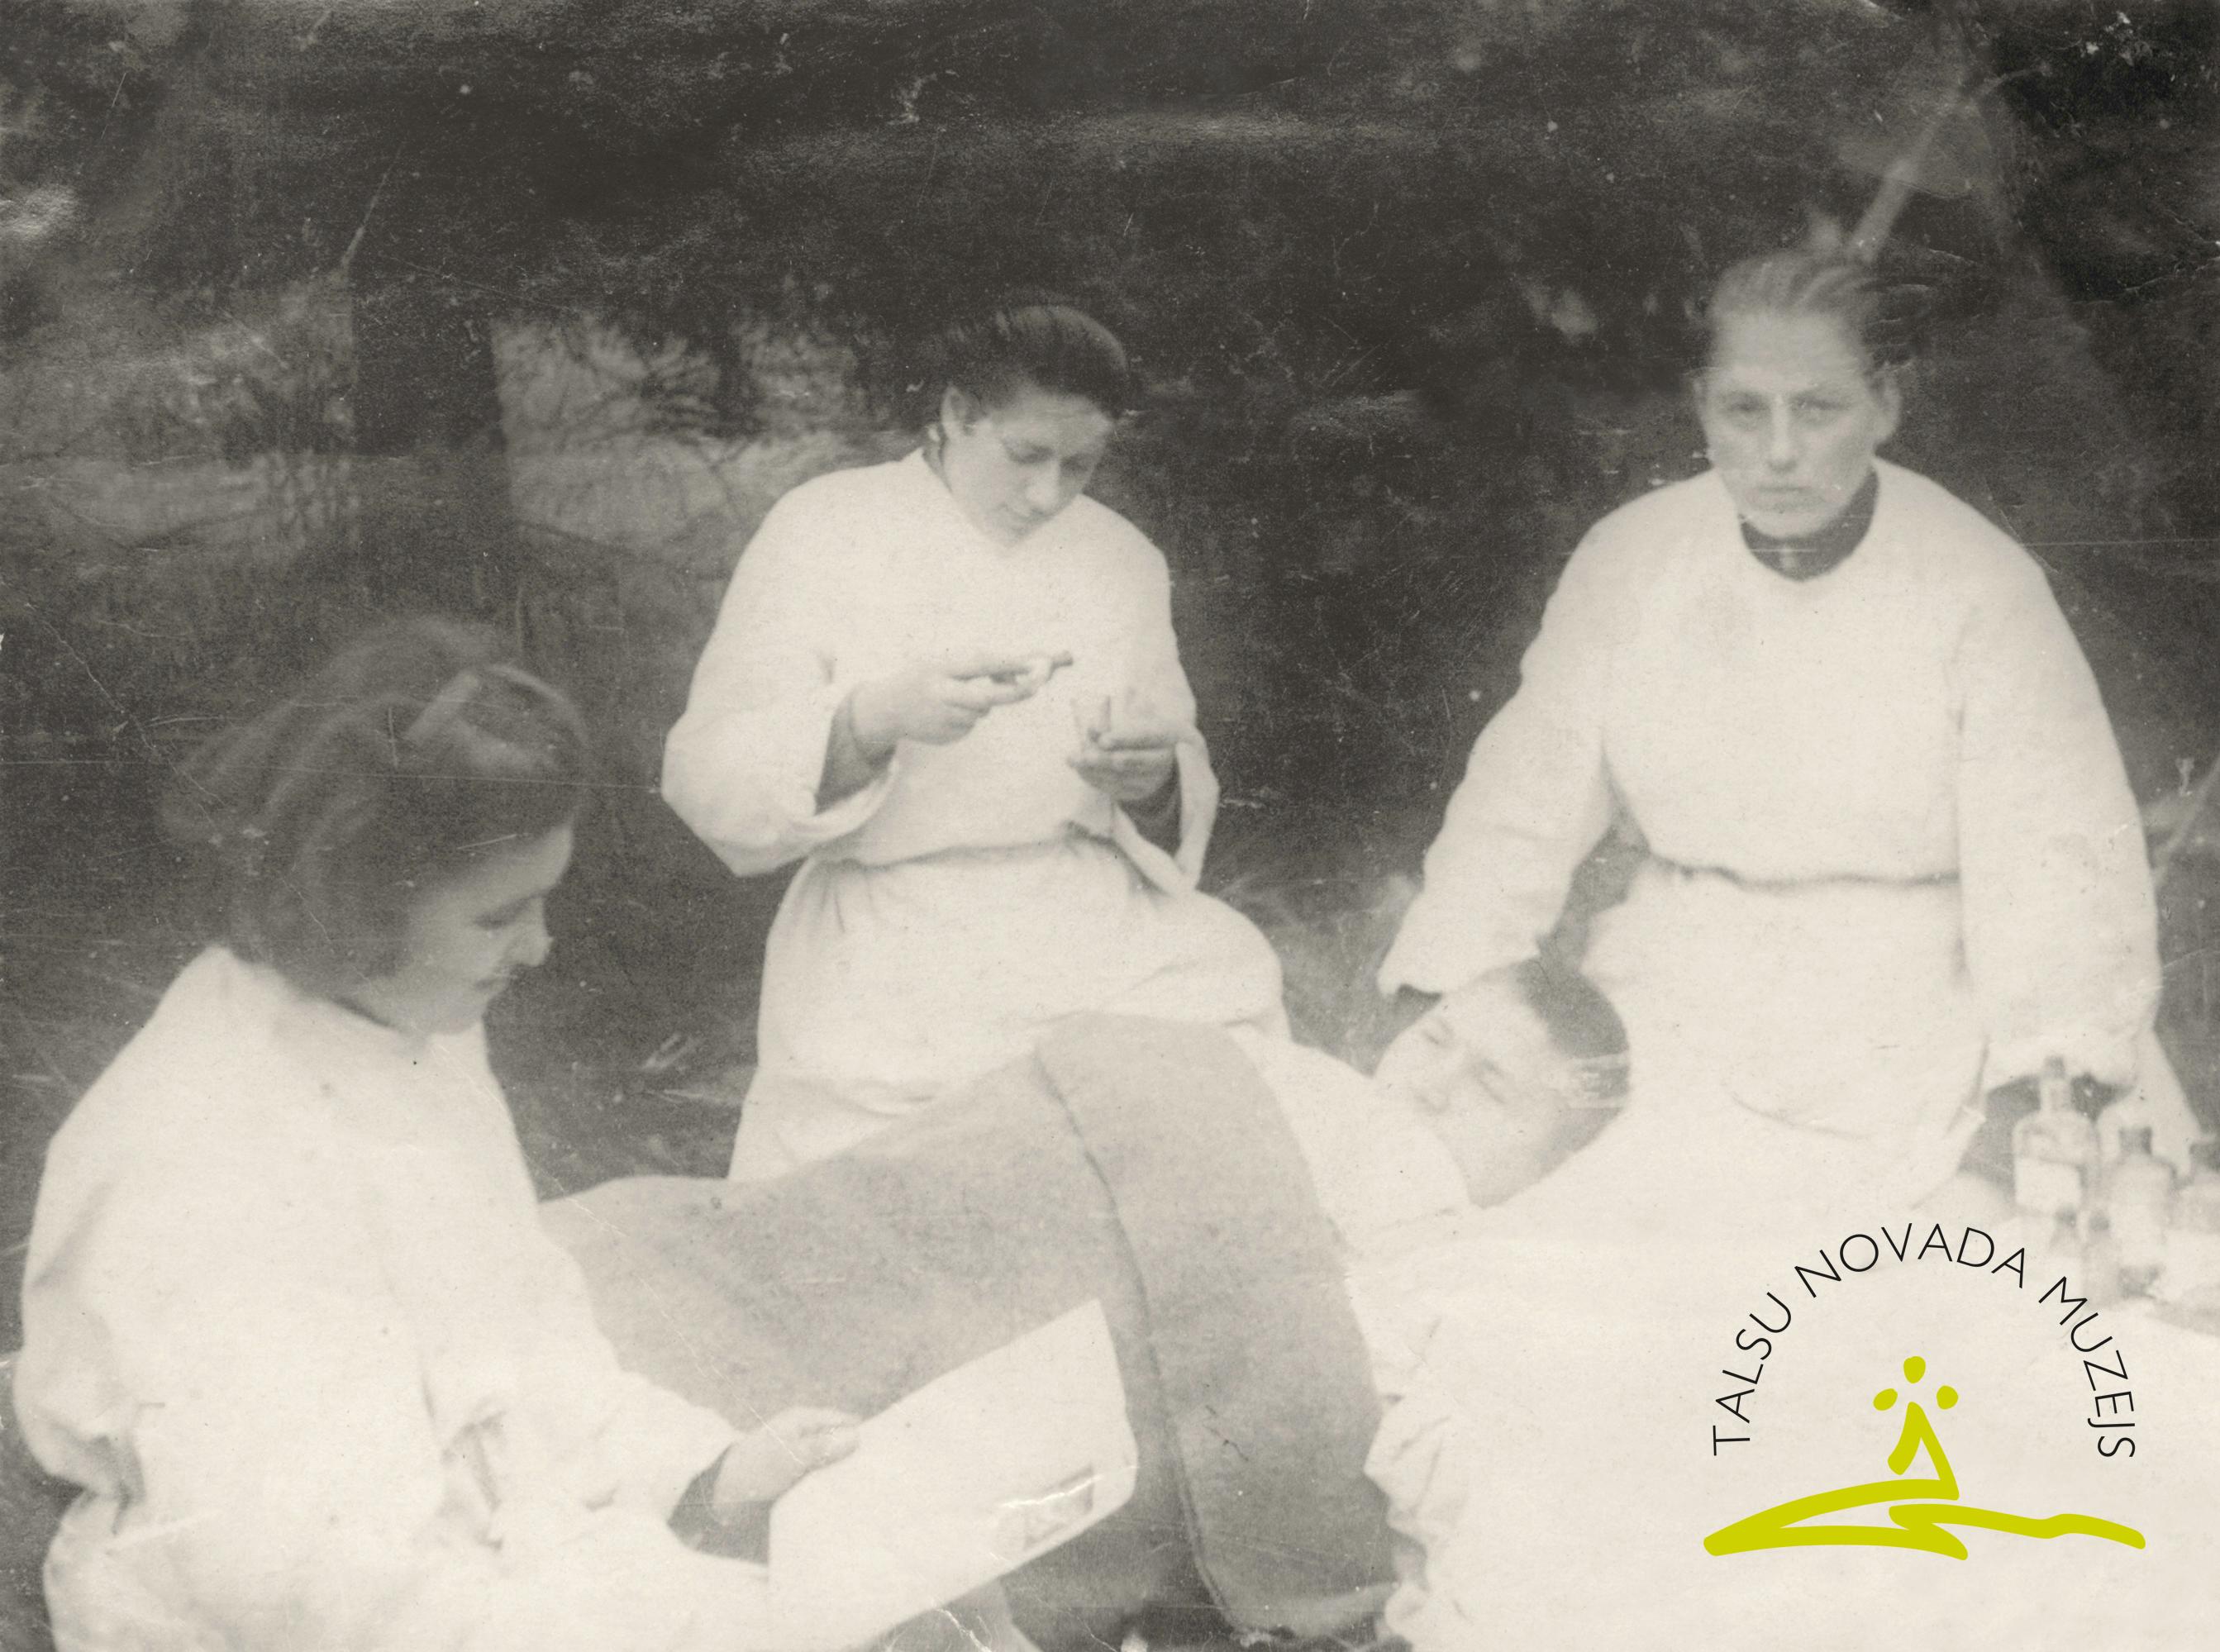 Latviešu strēlnieku divīzijas sanitārā dienesta darbinieces Olga Žiznevska, Irma Kupcāne, A. Rudakova